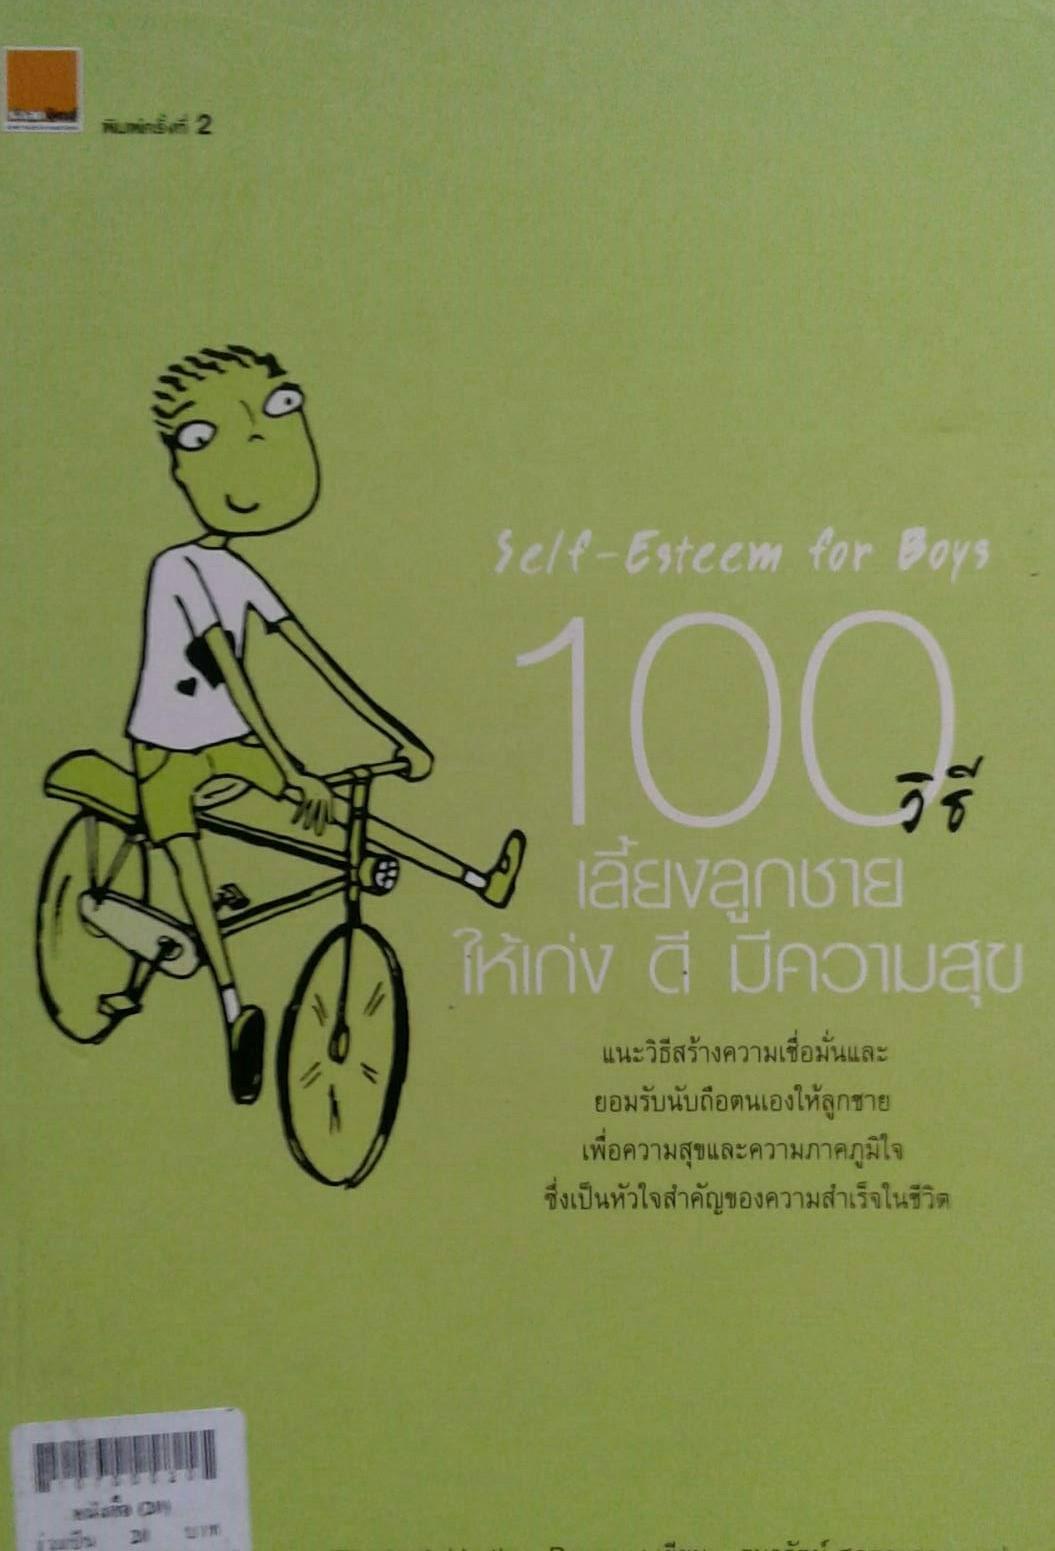 100วิธีเลี้ยงลูกชายให้เก่งดีมีความสุข